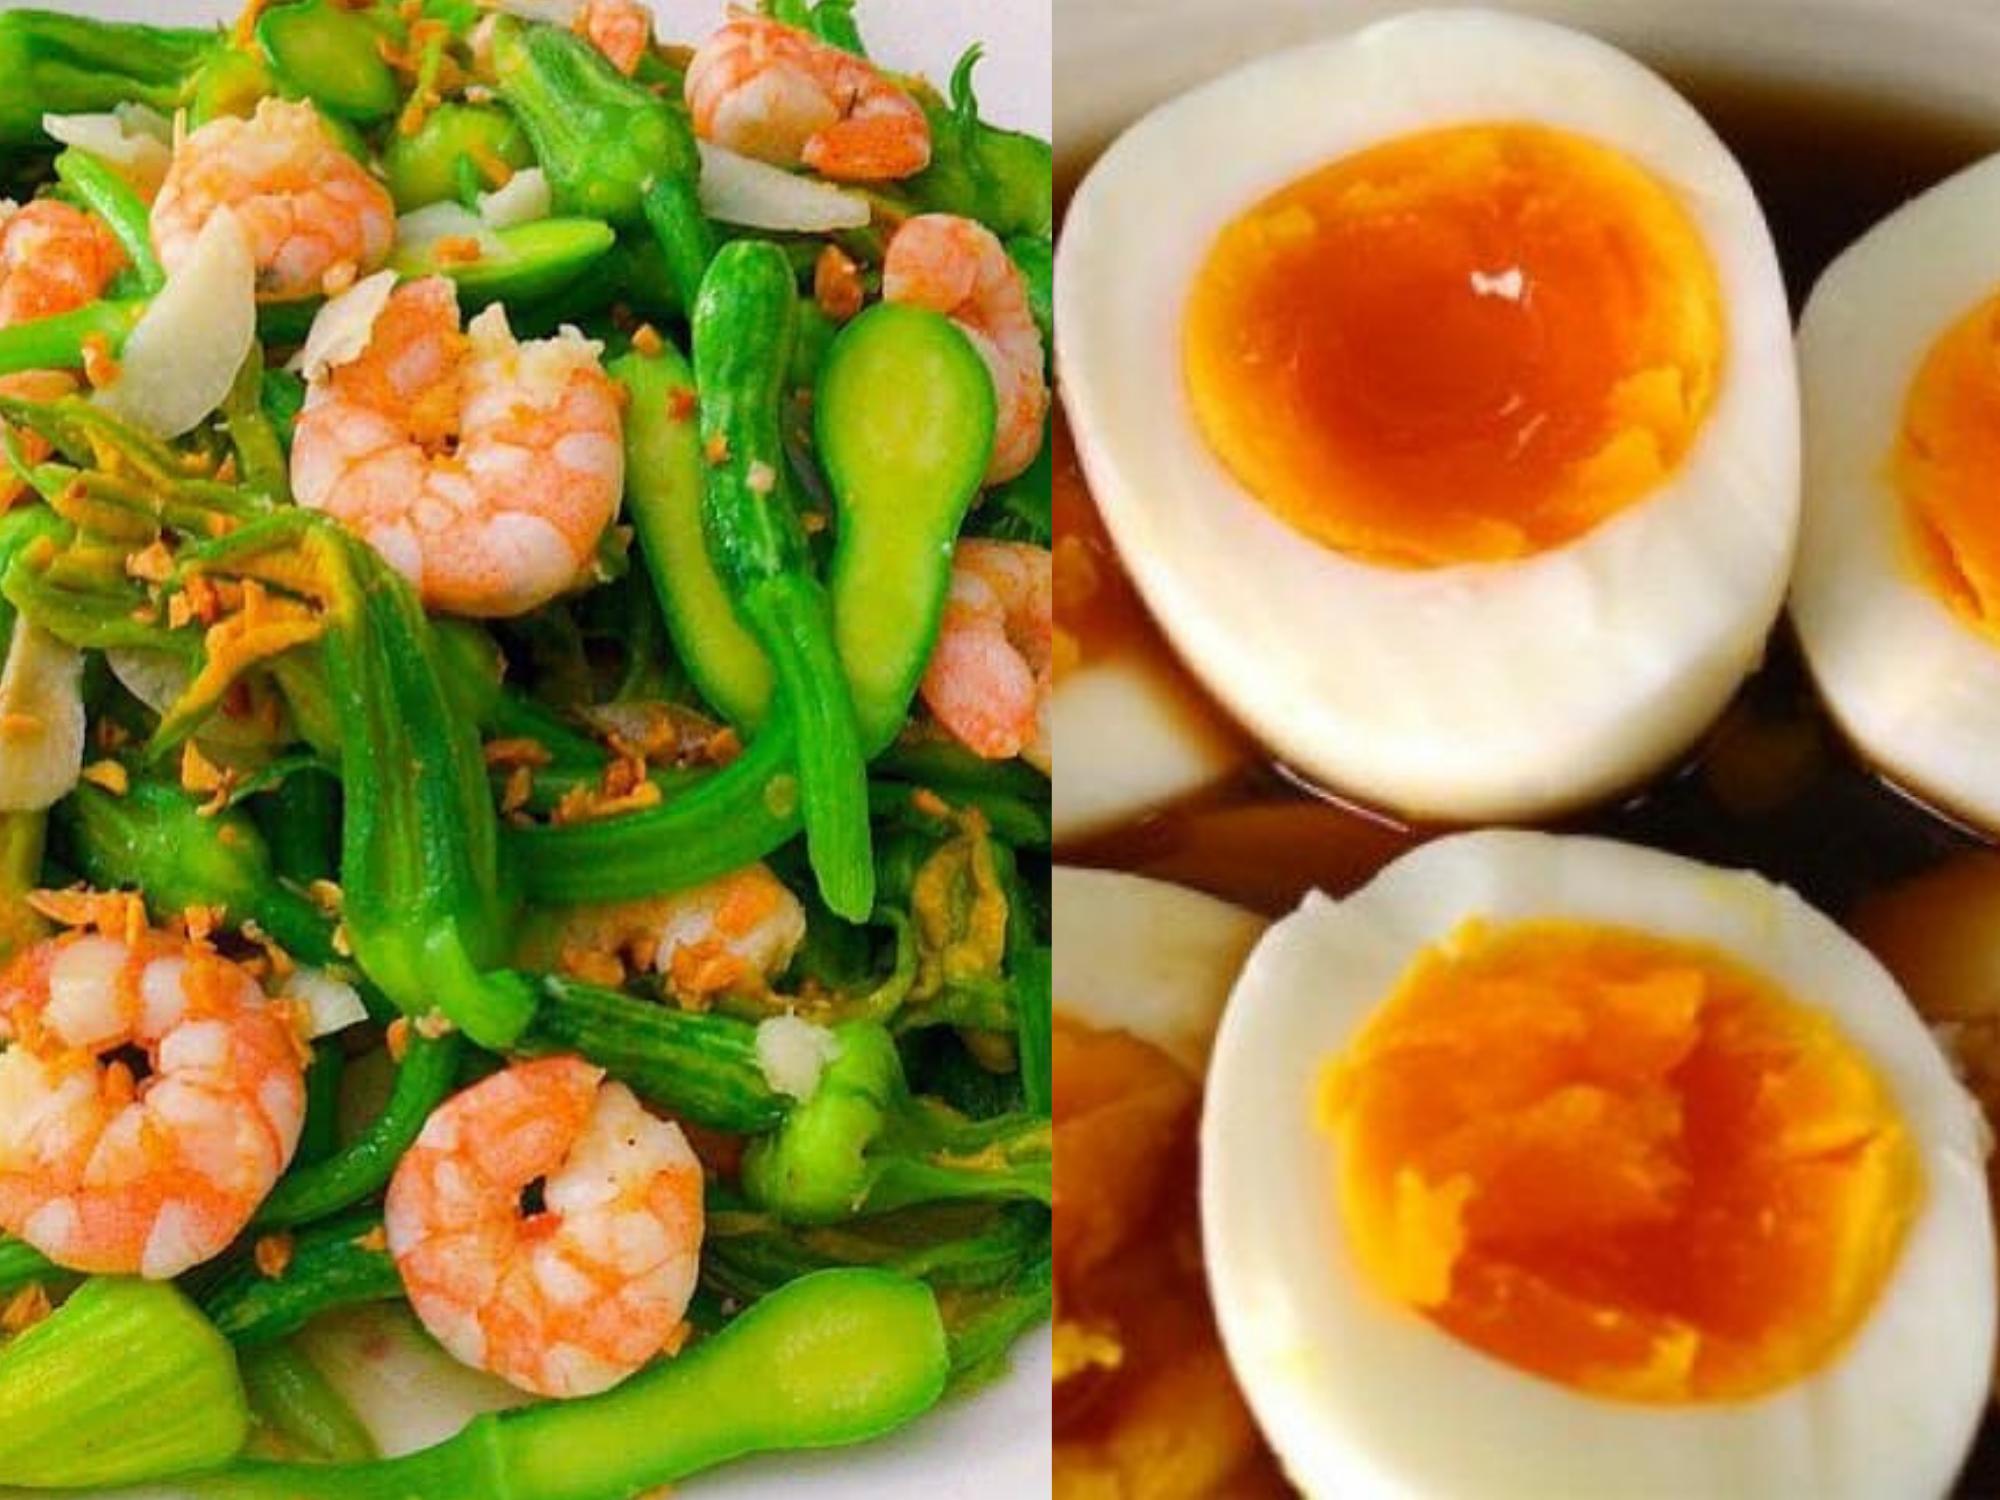 5 loại thức ăn để qua đêm vô cùng độc hại, nếu không muốn mắc ung thư hãy bỏ ngay và luôn